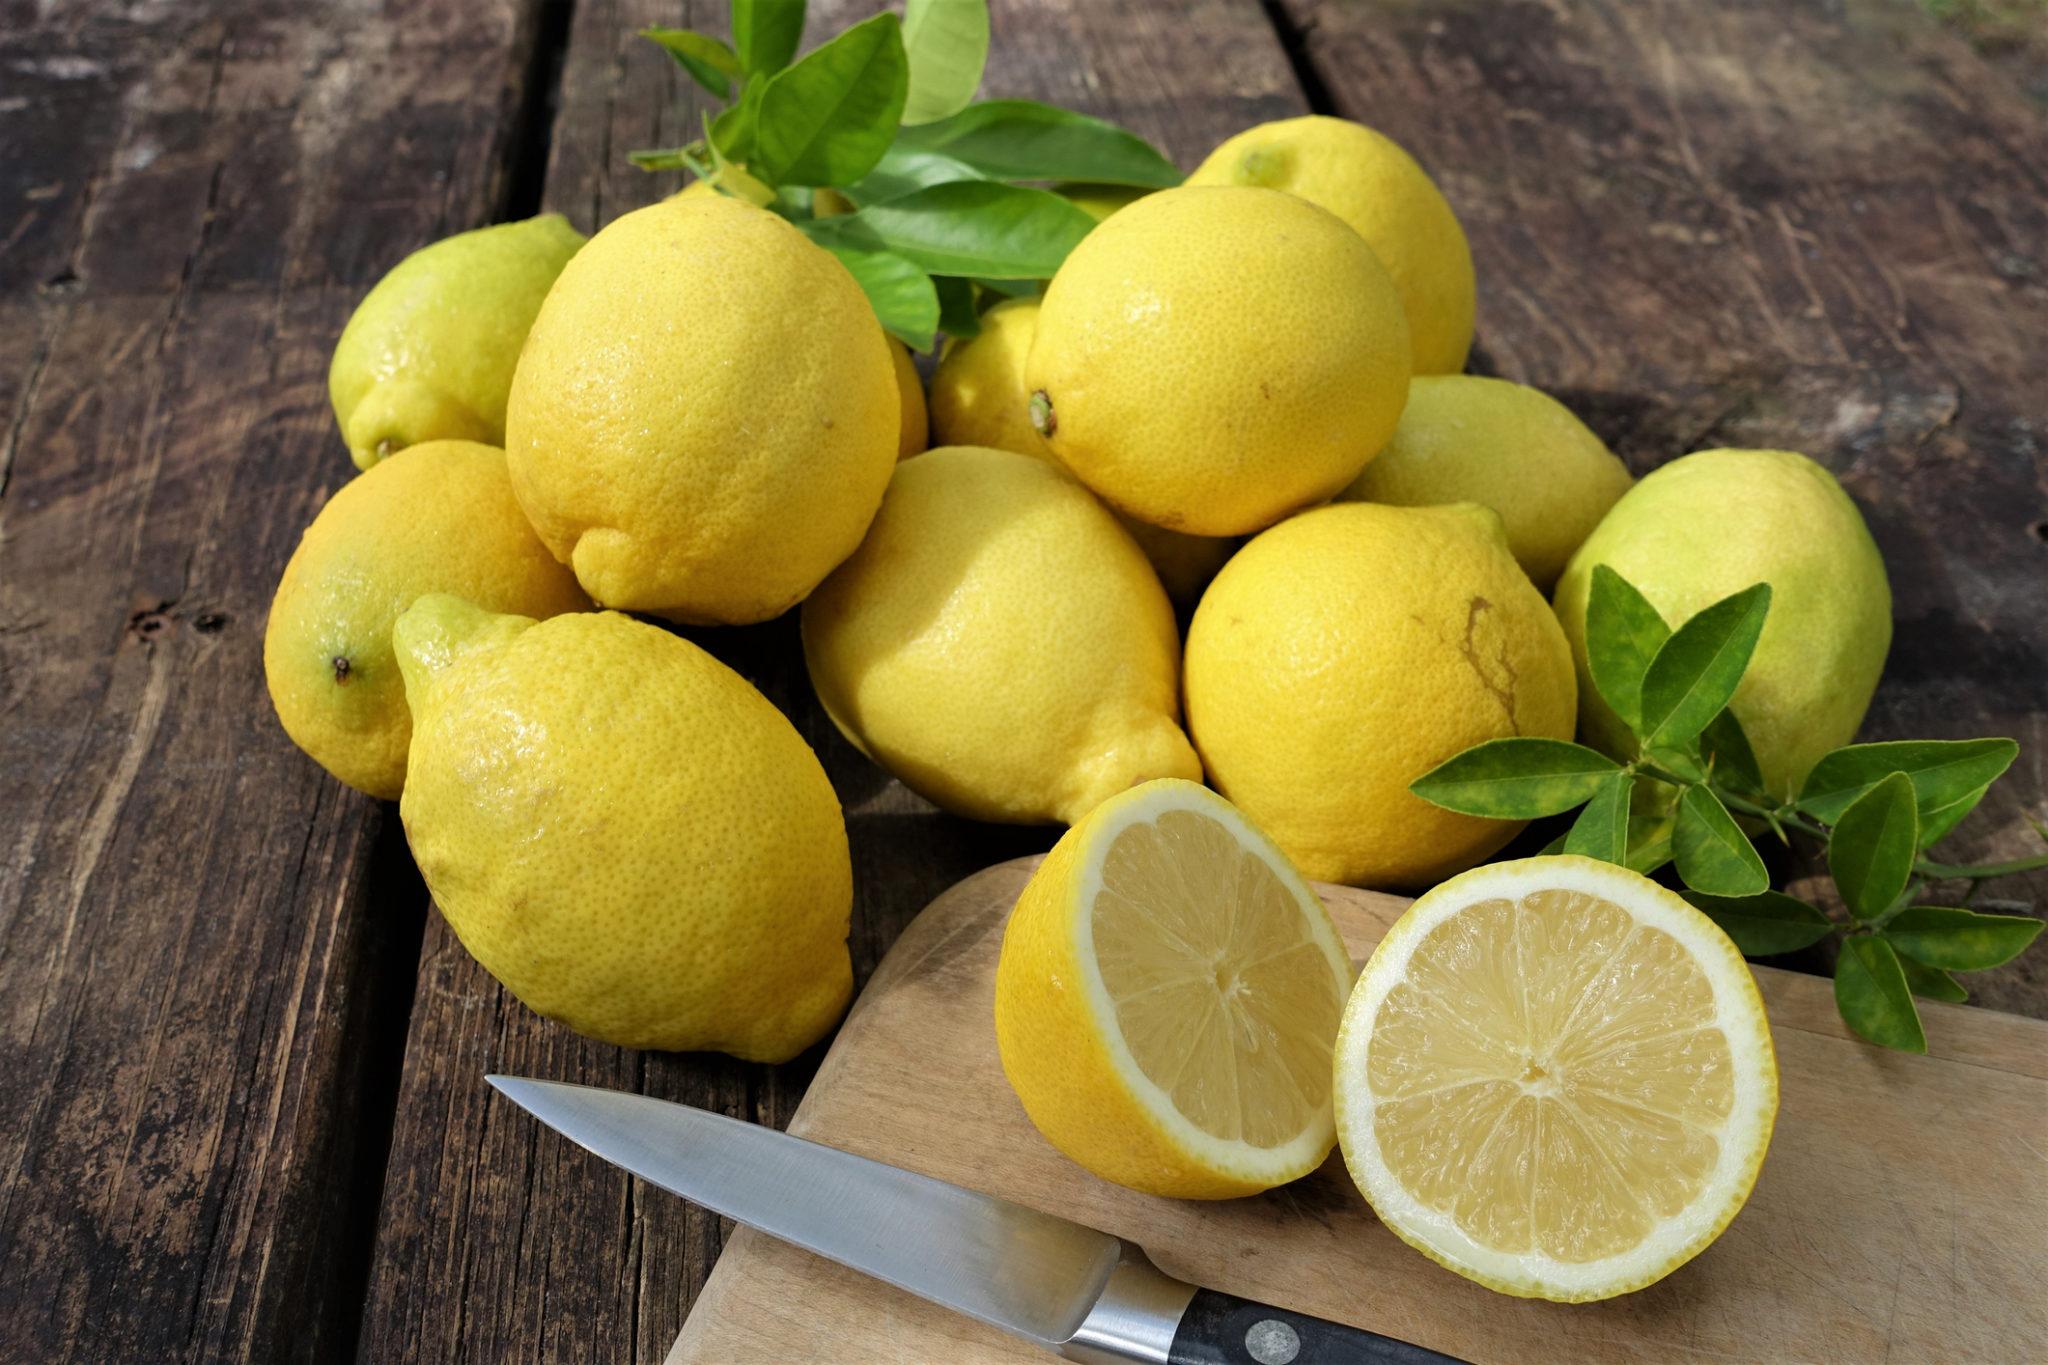 Rund ein Dutzend Zitronen auf einem Küchentisch, eine halbiert auf einem Schneidbrett.